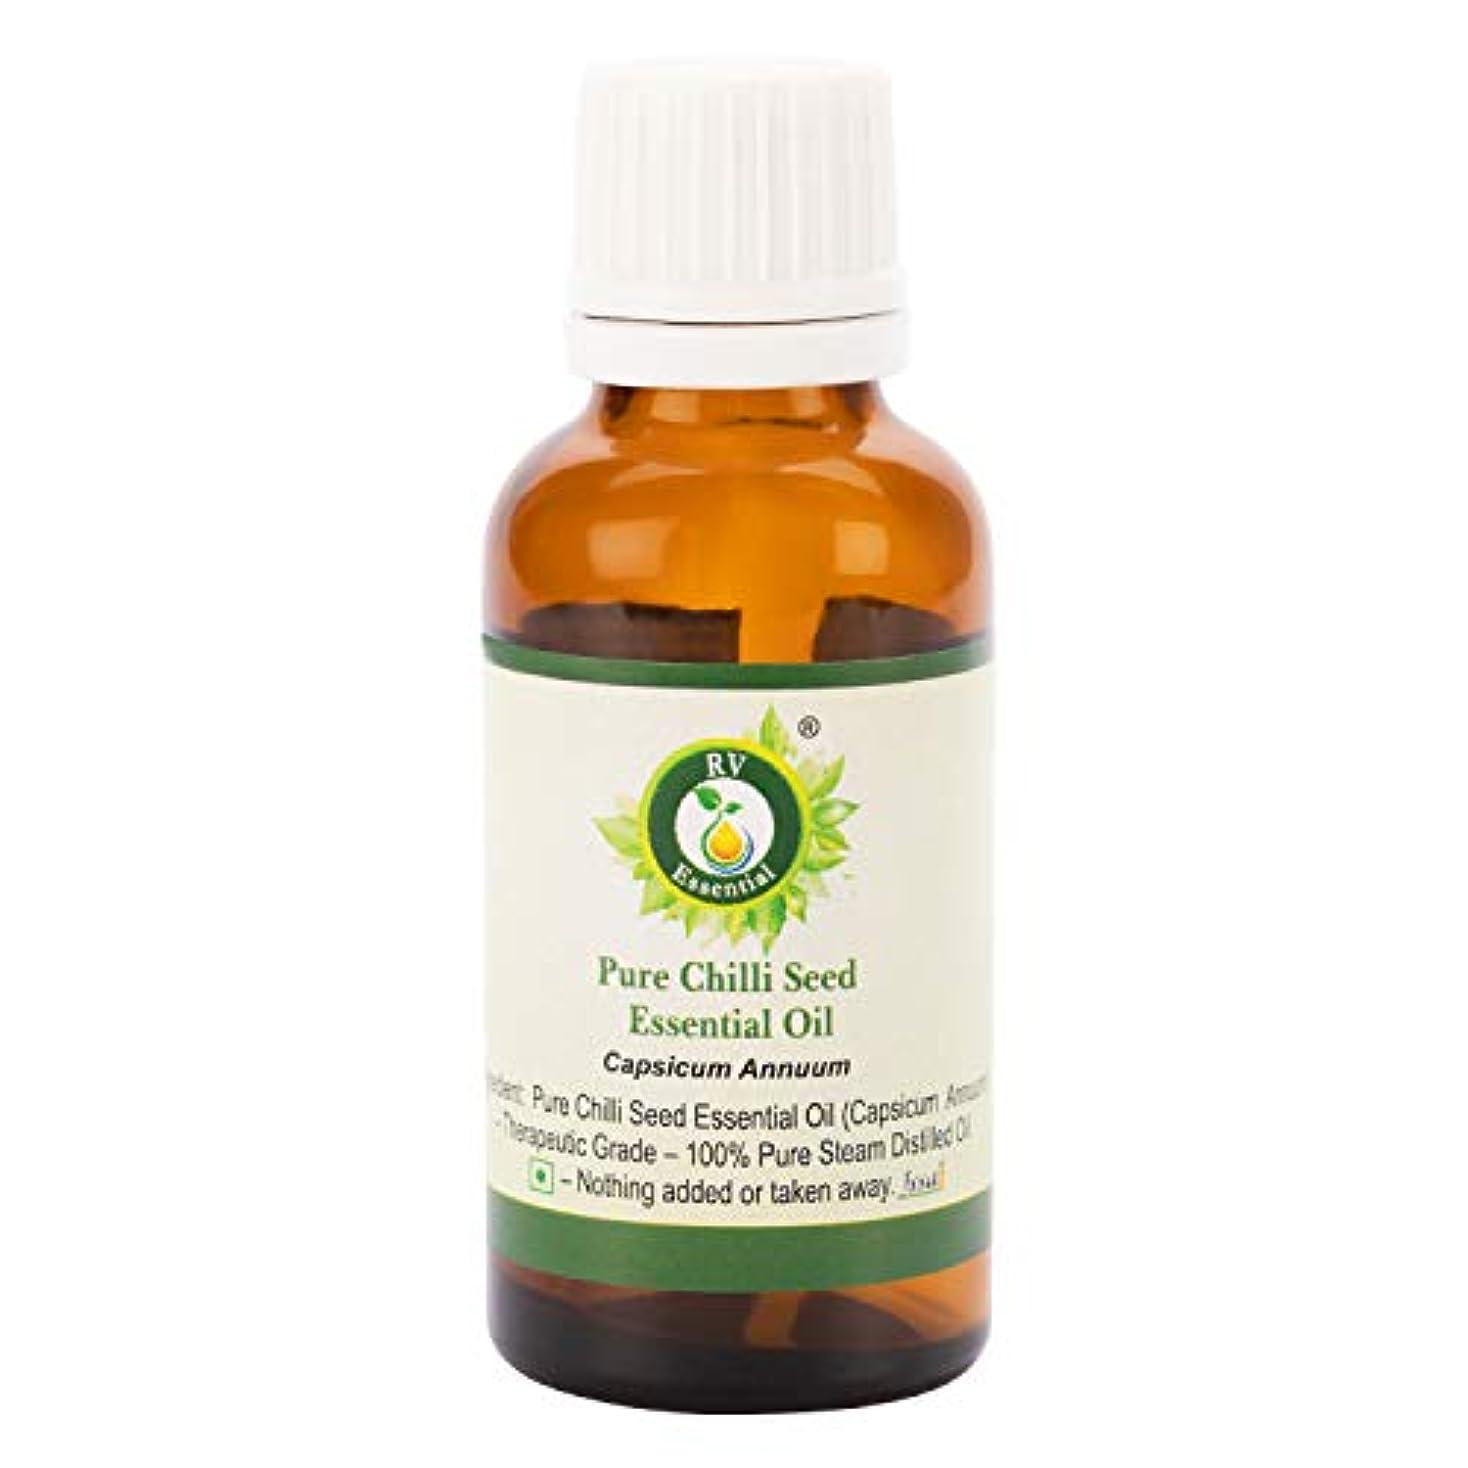 レギュラー専ら変装したピュアチリシードエッセンシャルオイル5ml (0.169oz)- Capsicum Annuum (100%純粋&天然スチームDistilled) Pure Chilli Seed Essential Oil